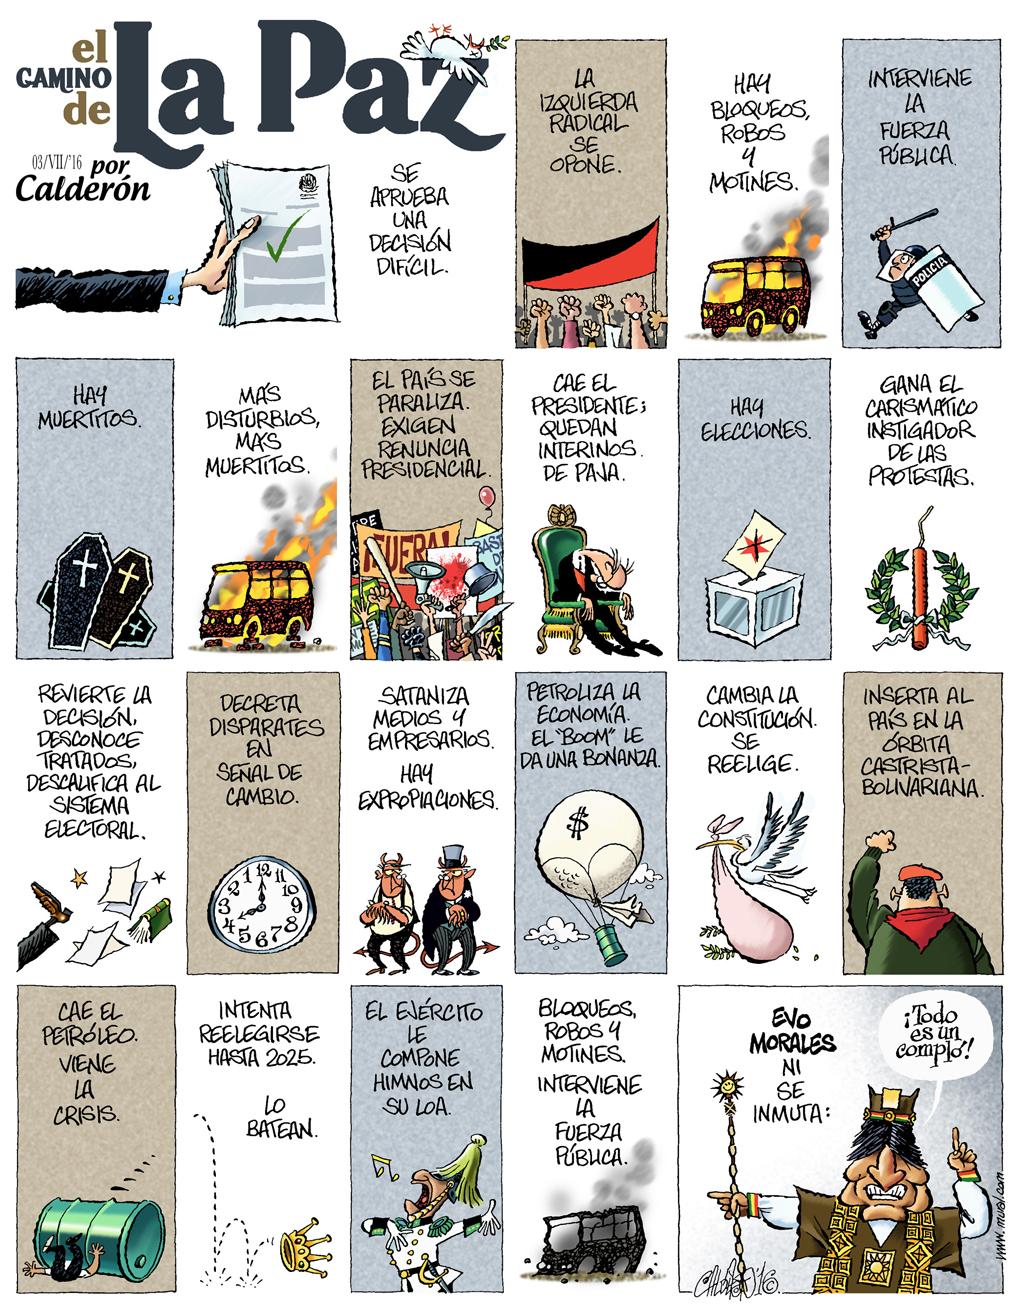 El camino de La Paz - Calderón